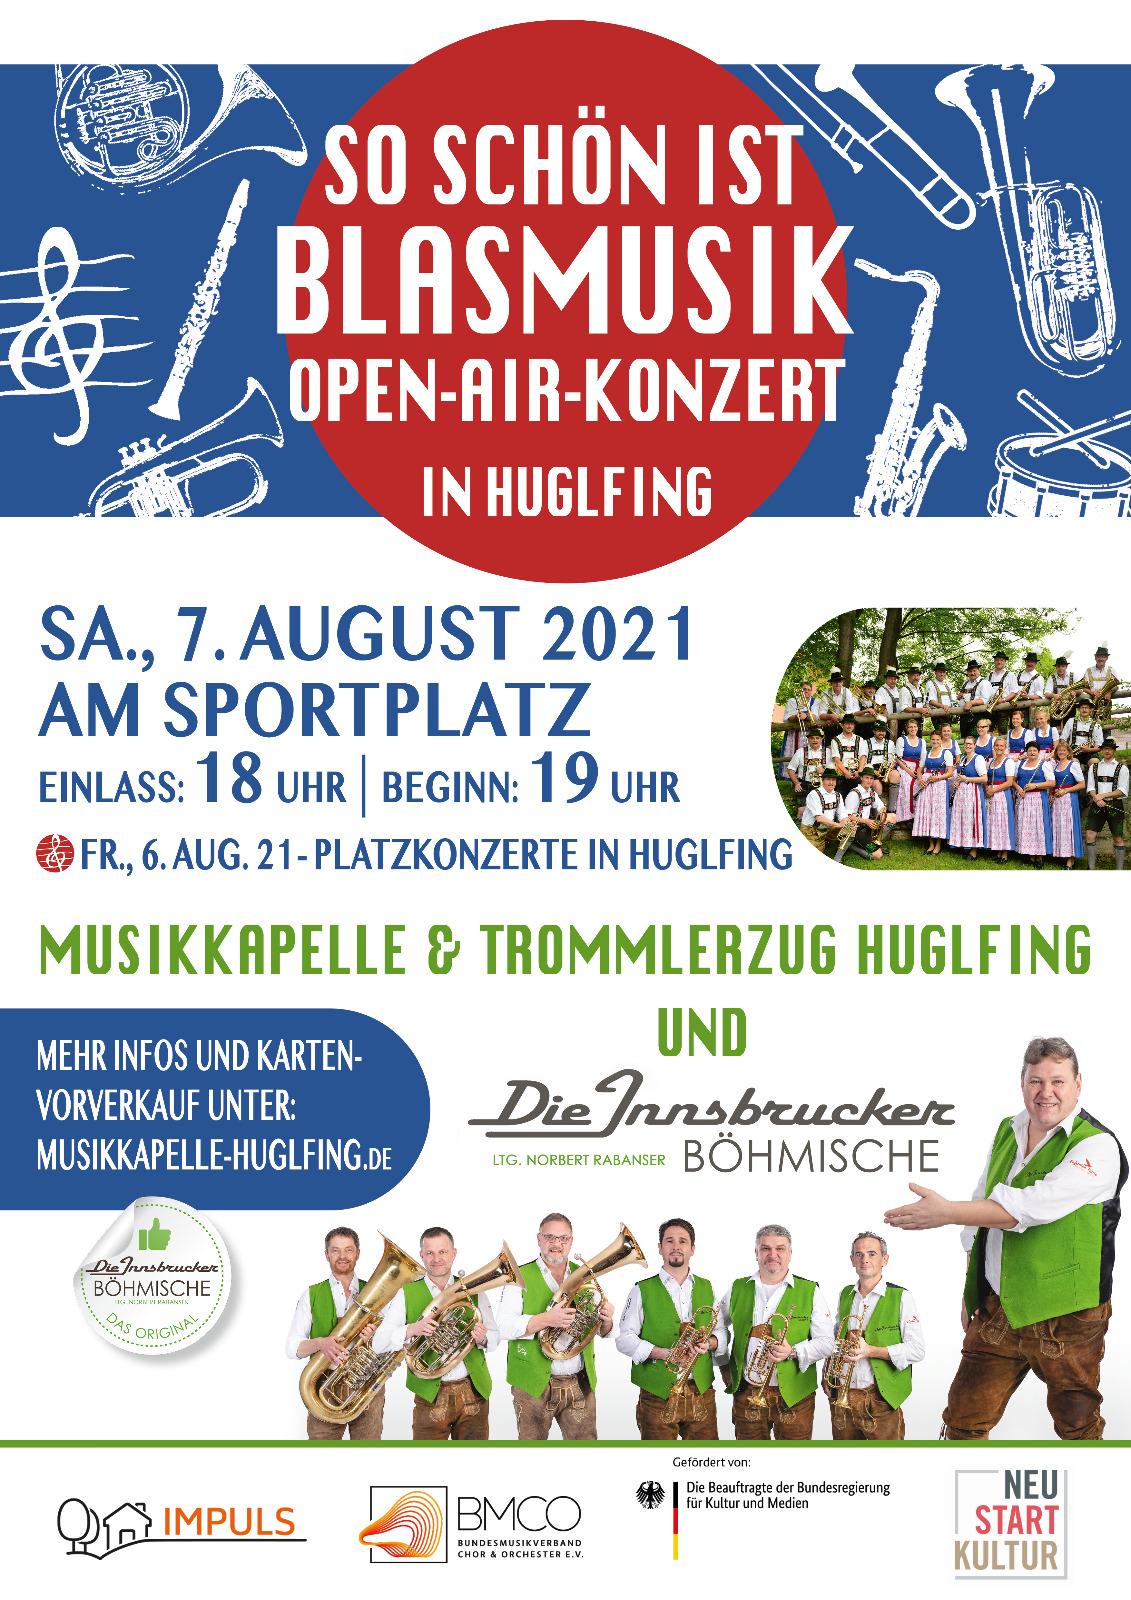 So schön ist Blasmusik - Open-Air-Konzert in Huglfing